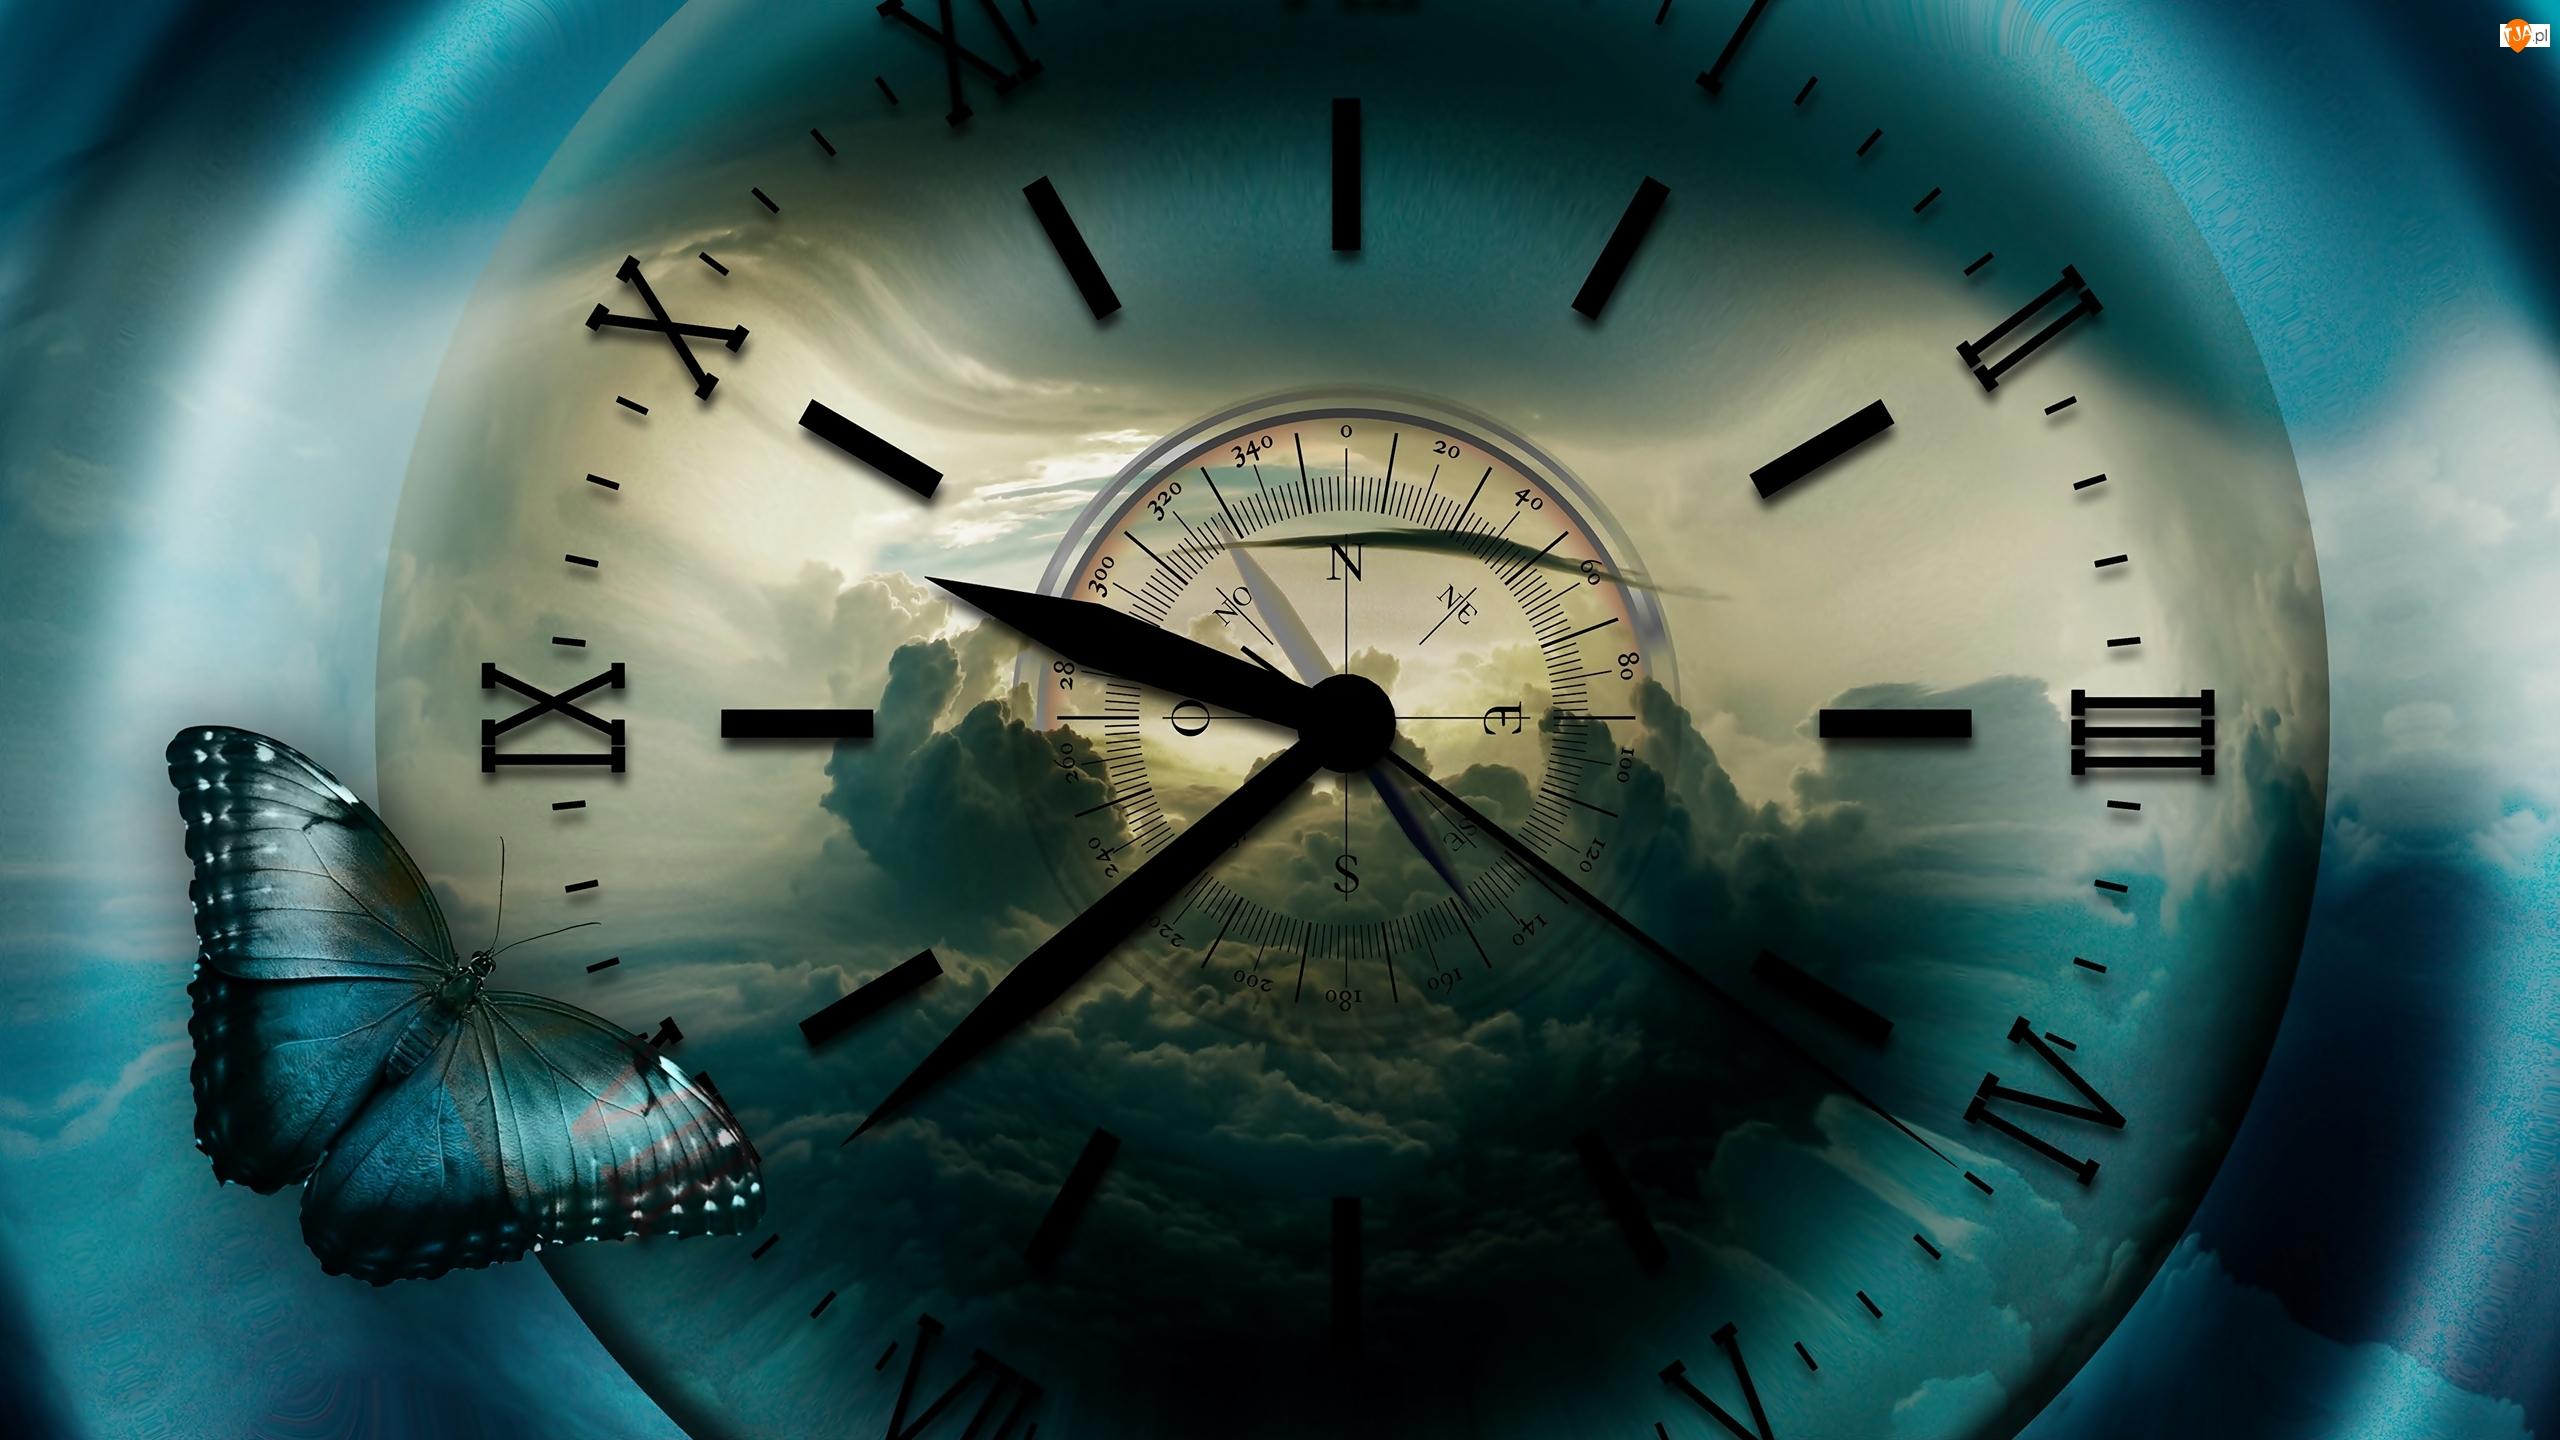 Tarcza, Zegar, Chmury, Grafika, Kompas, Motyl